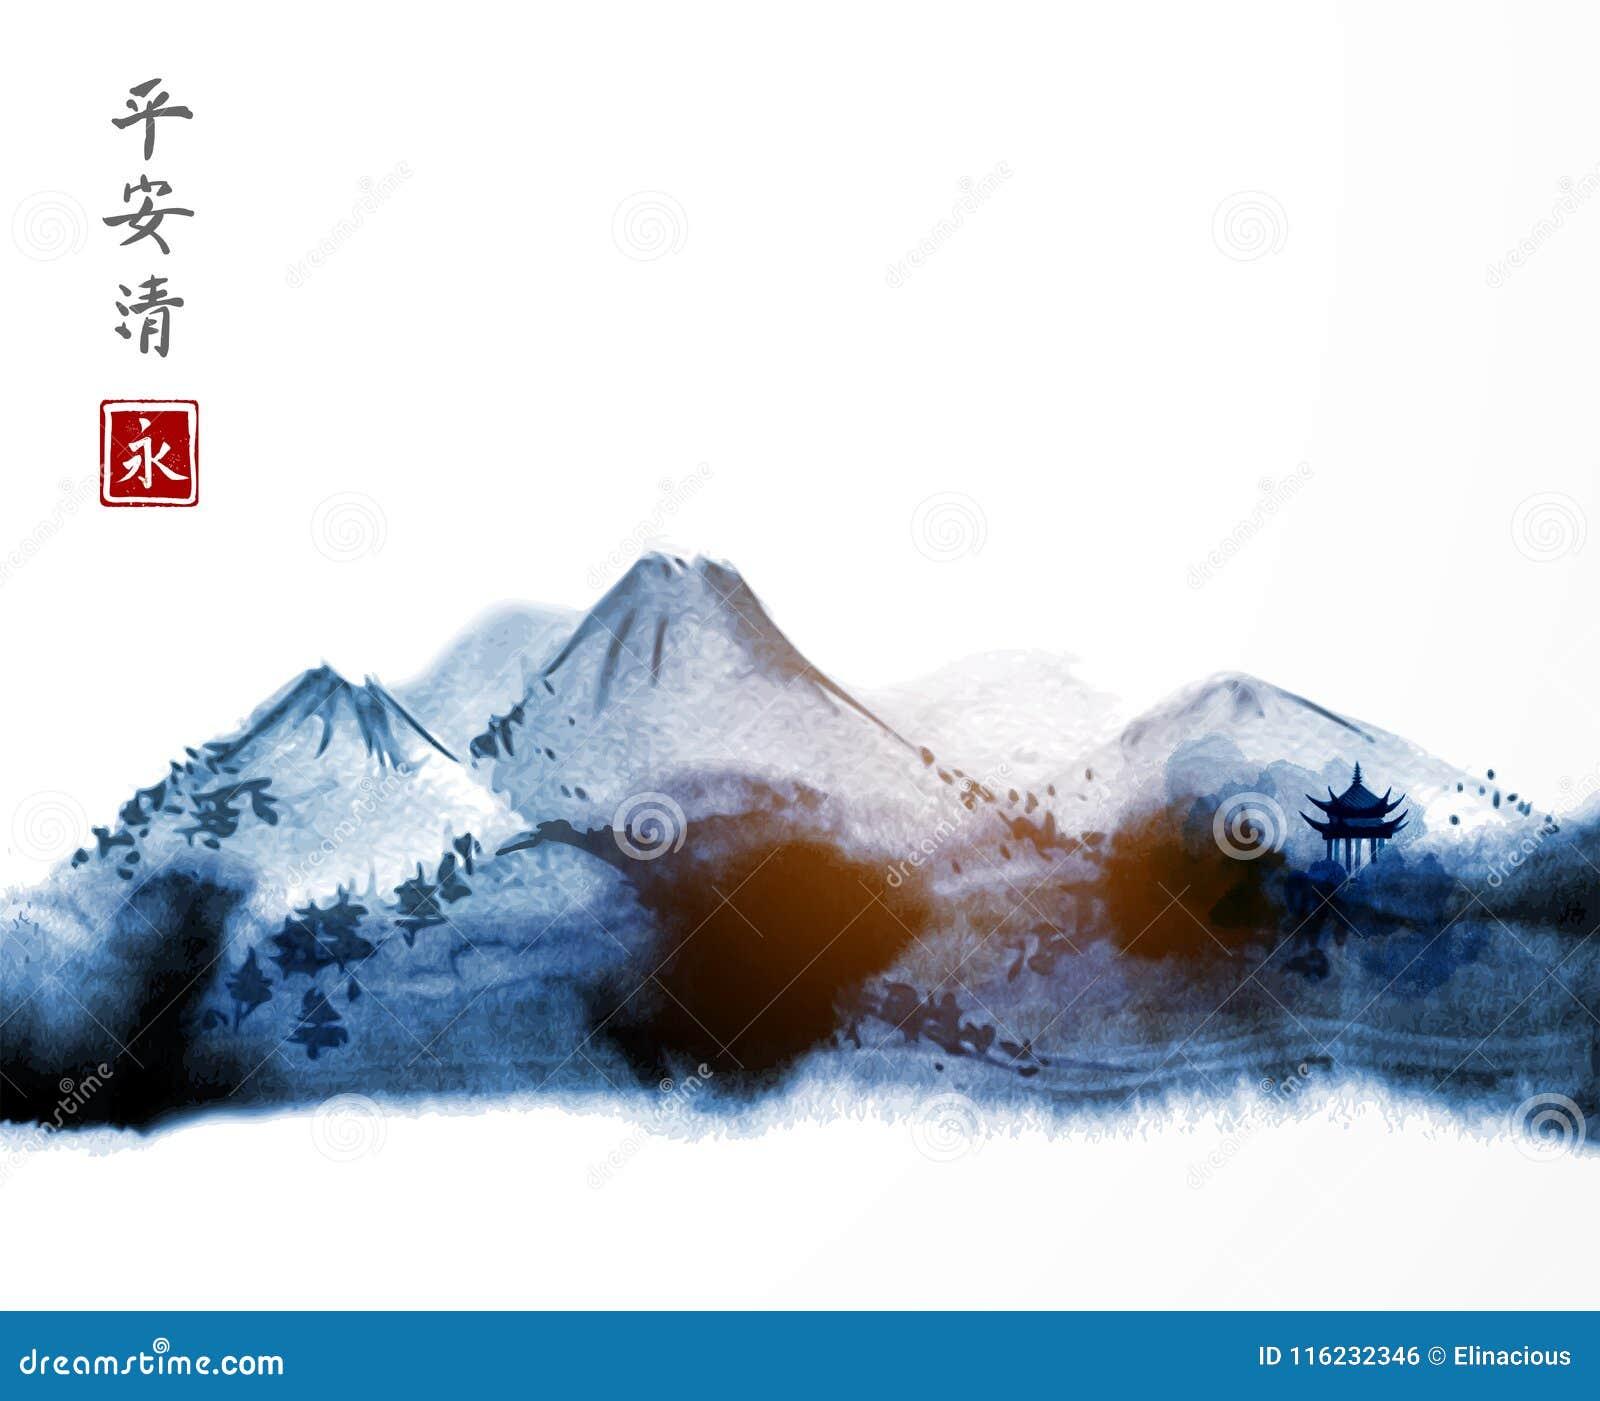 Τα μακρινά μπλε βουνά δίνουν συμένος με το μελάνι Παραδοσιακό ασιατικό μελάνι που χρωματίζει το sumi-ε, u-αμαρτία, πηγαίνω-Hua Πε